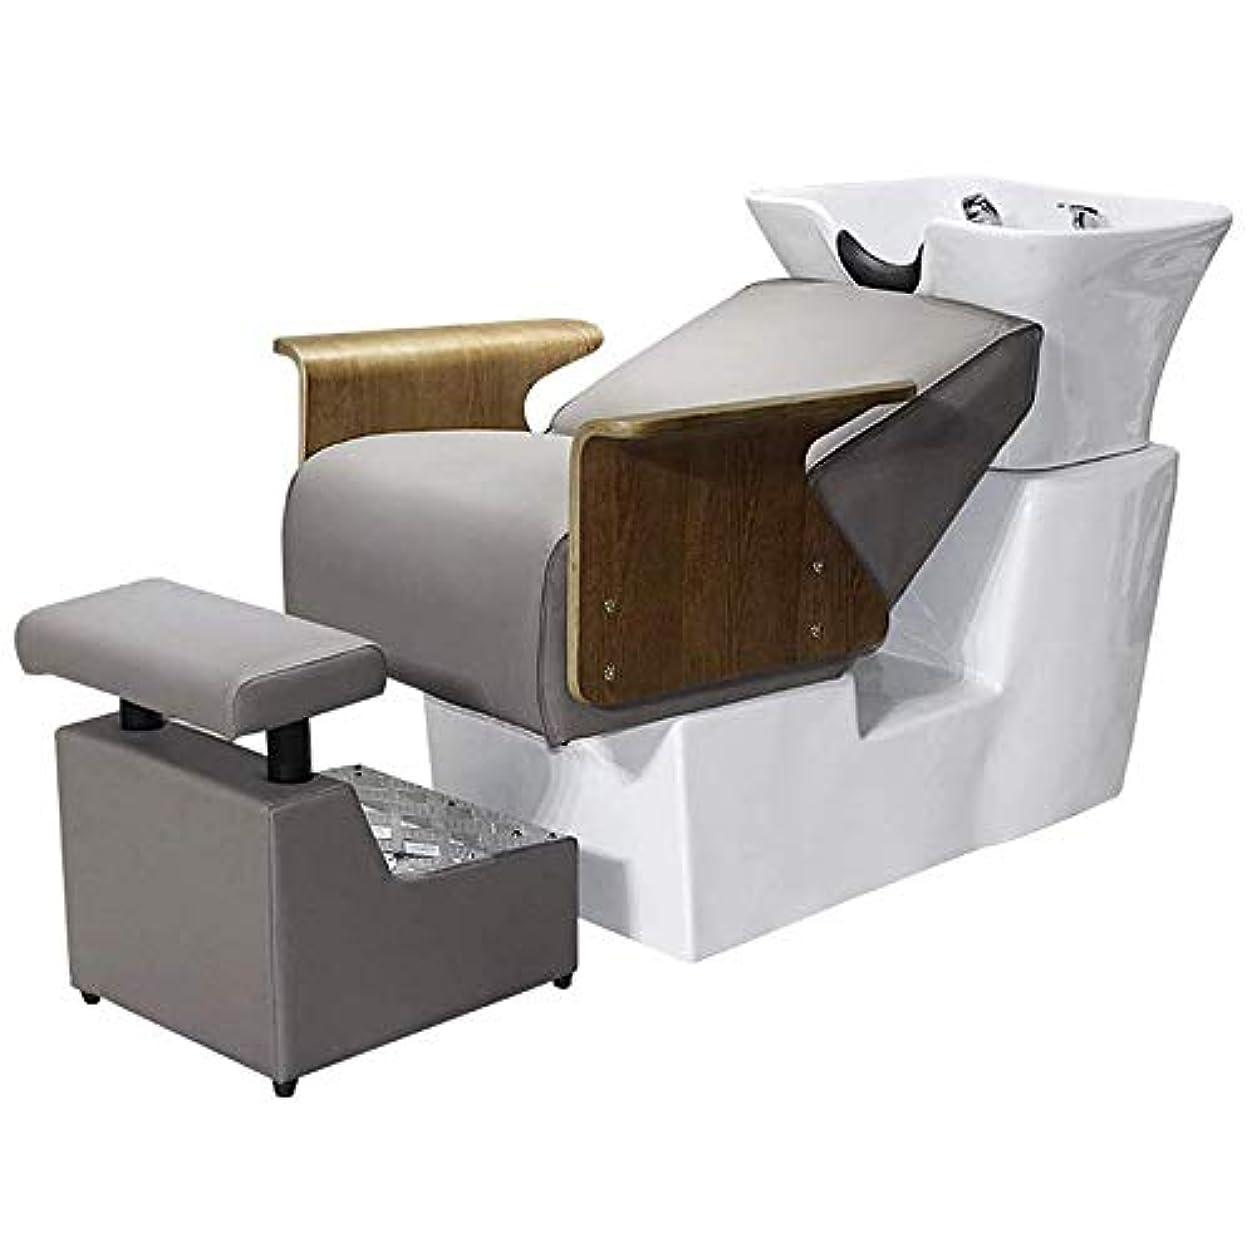 国家時間厳守破壊するサロン用シャンプー椅子とボウル、 セラミック洗面器シャンプーベッド逆洗ユニットシャンプーボウル理髪シンク椅子用スパビューティーサロン機器